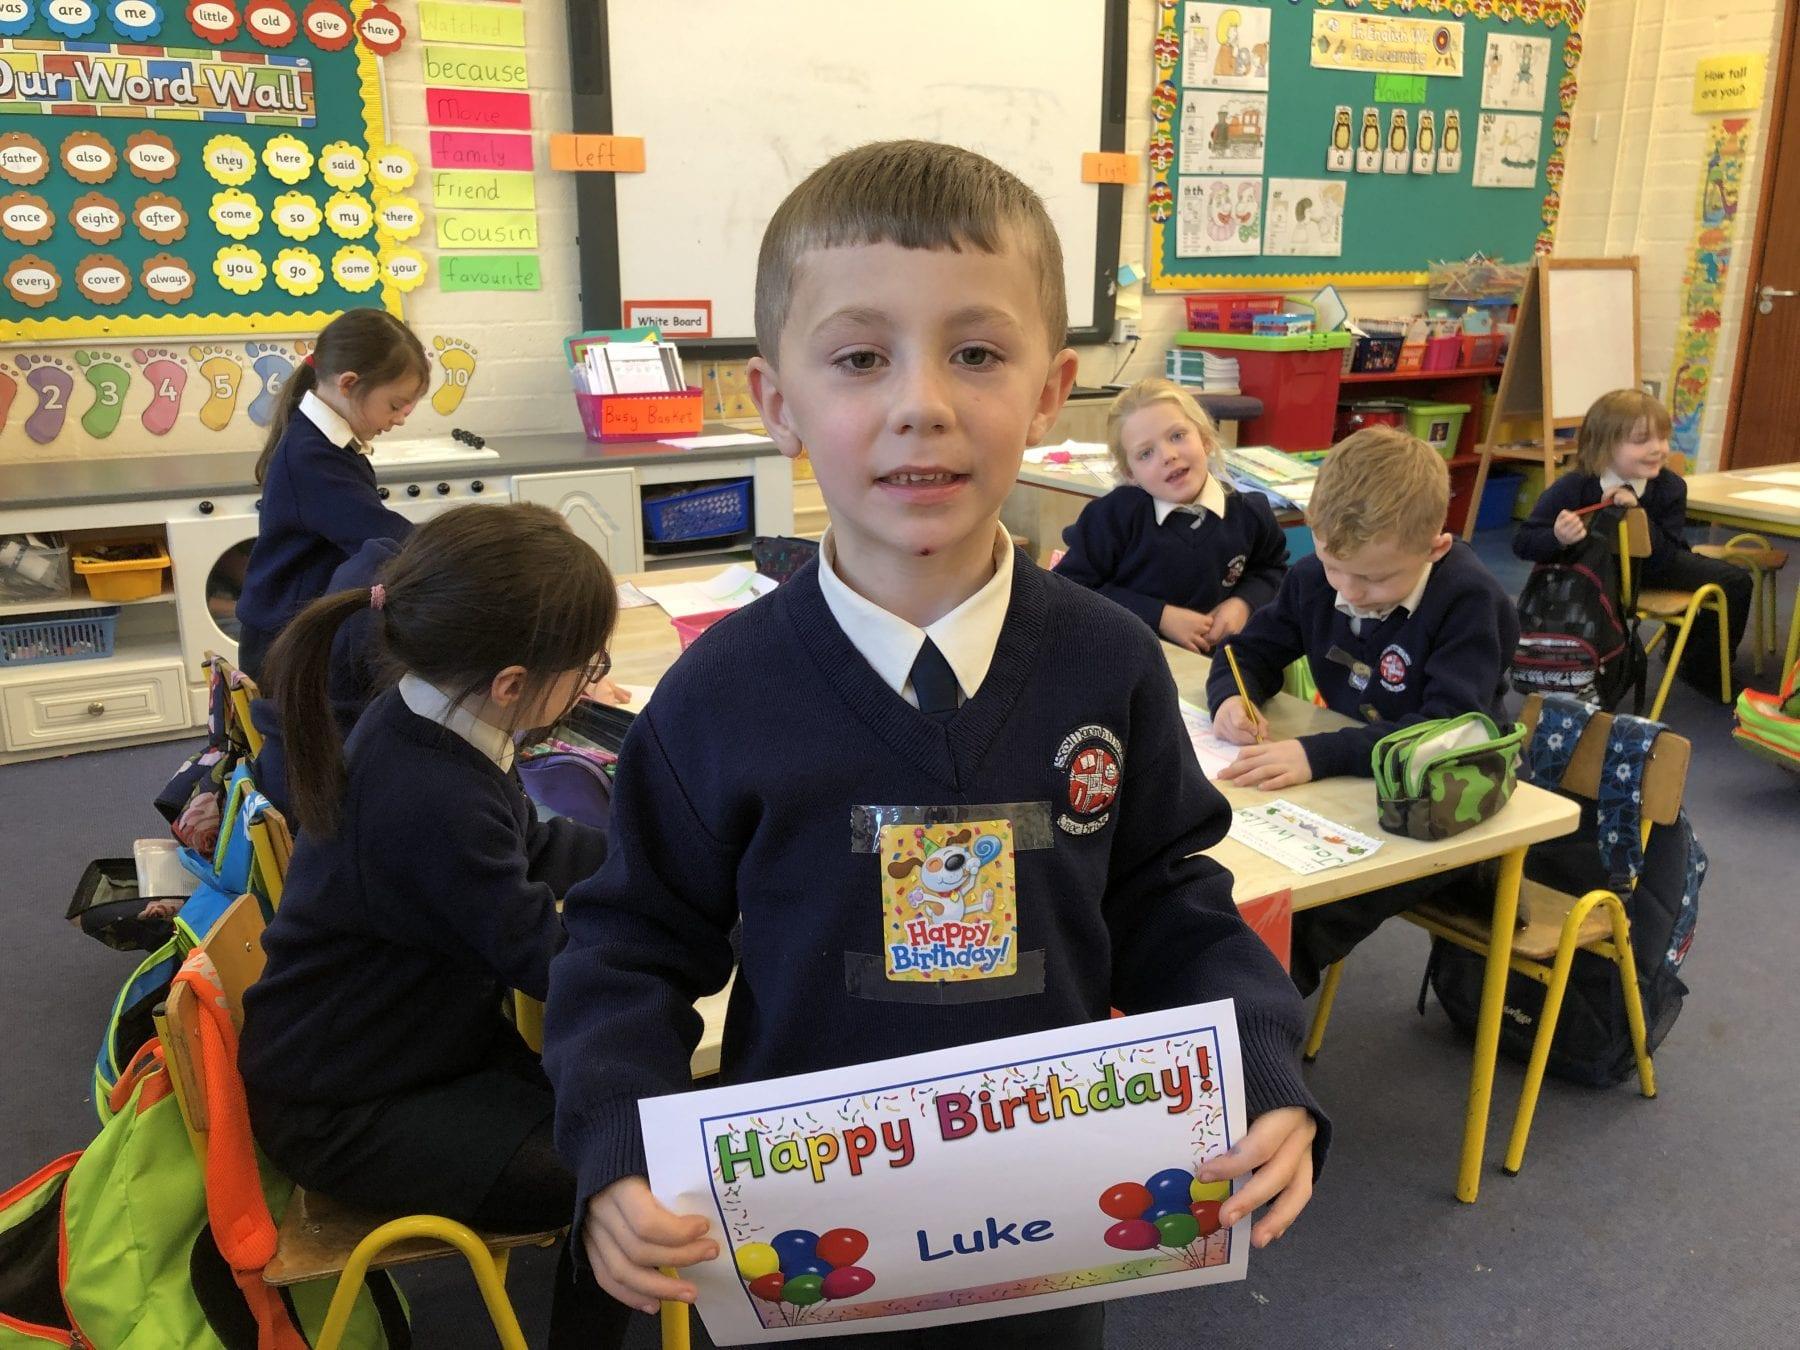 Happy Birthday Luke